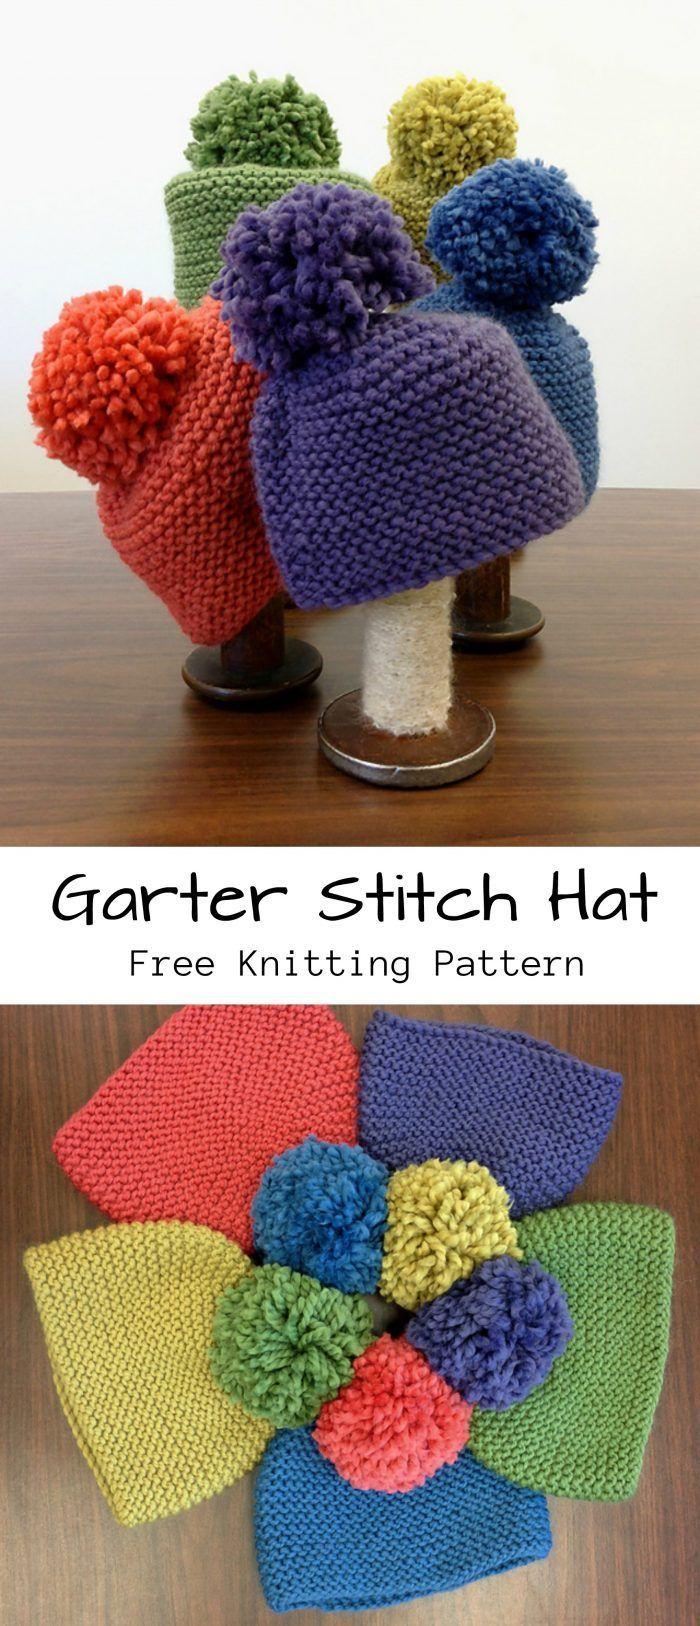 Garter Stitch Hat Free Knitting Pattern   Knitting